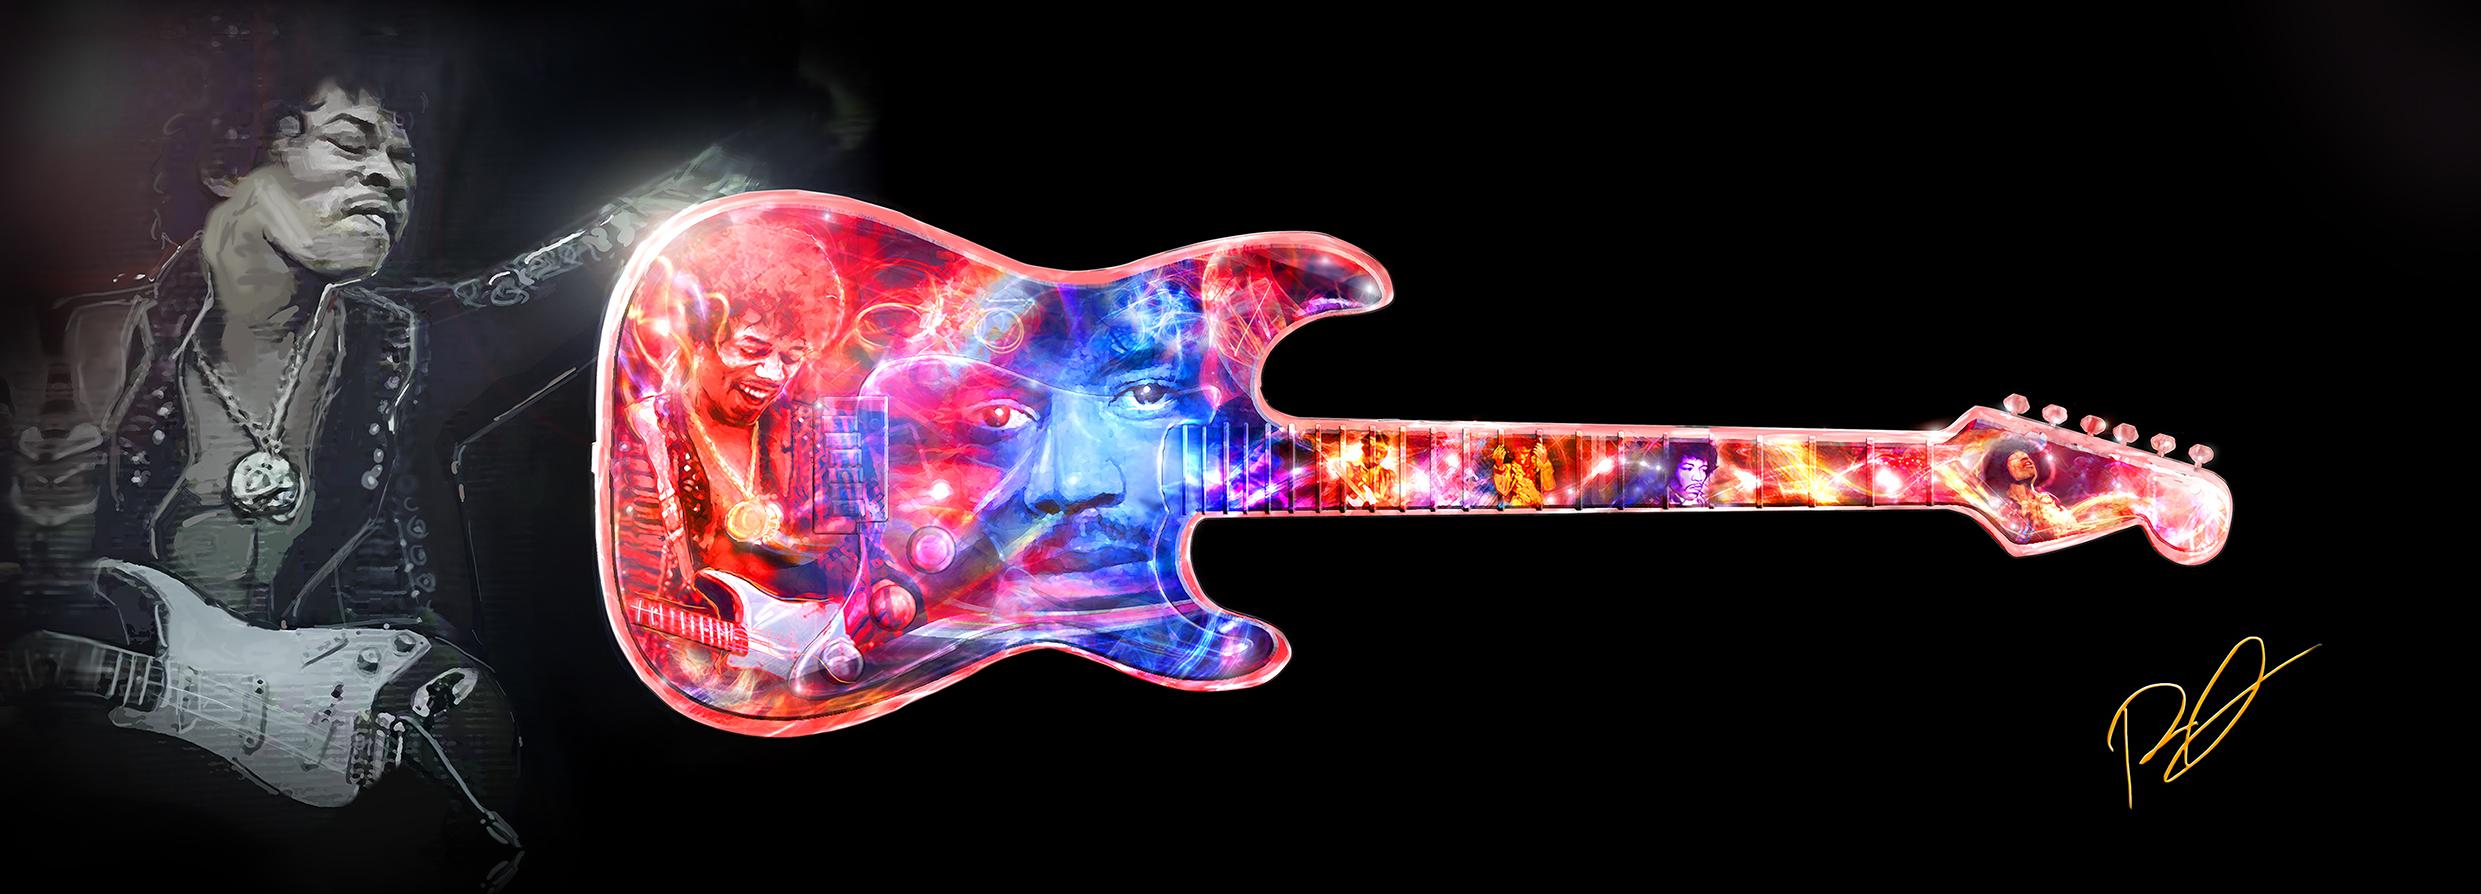 Jimi-Hendrix Tribute Art Piece